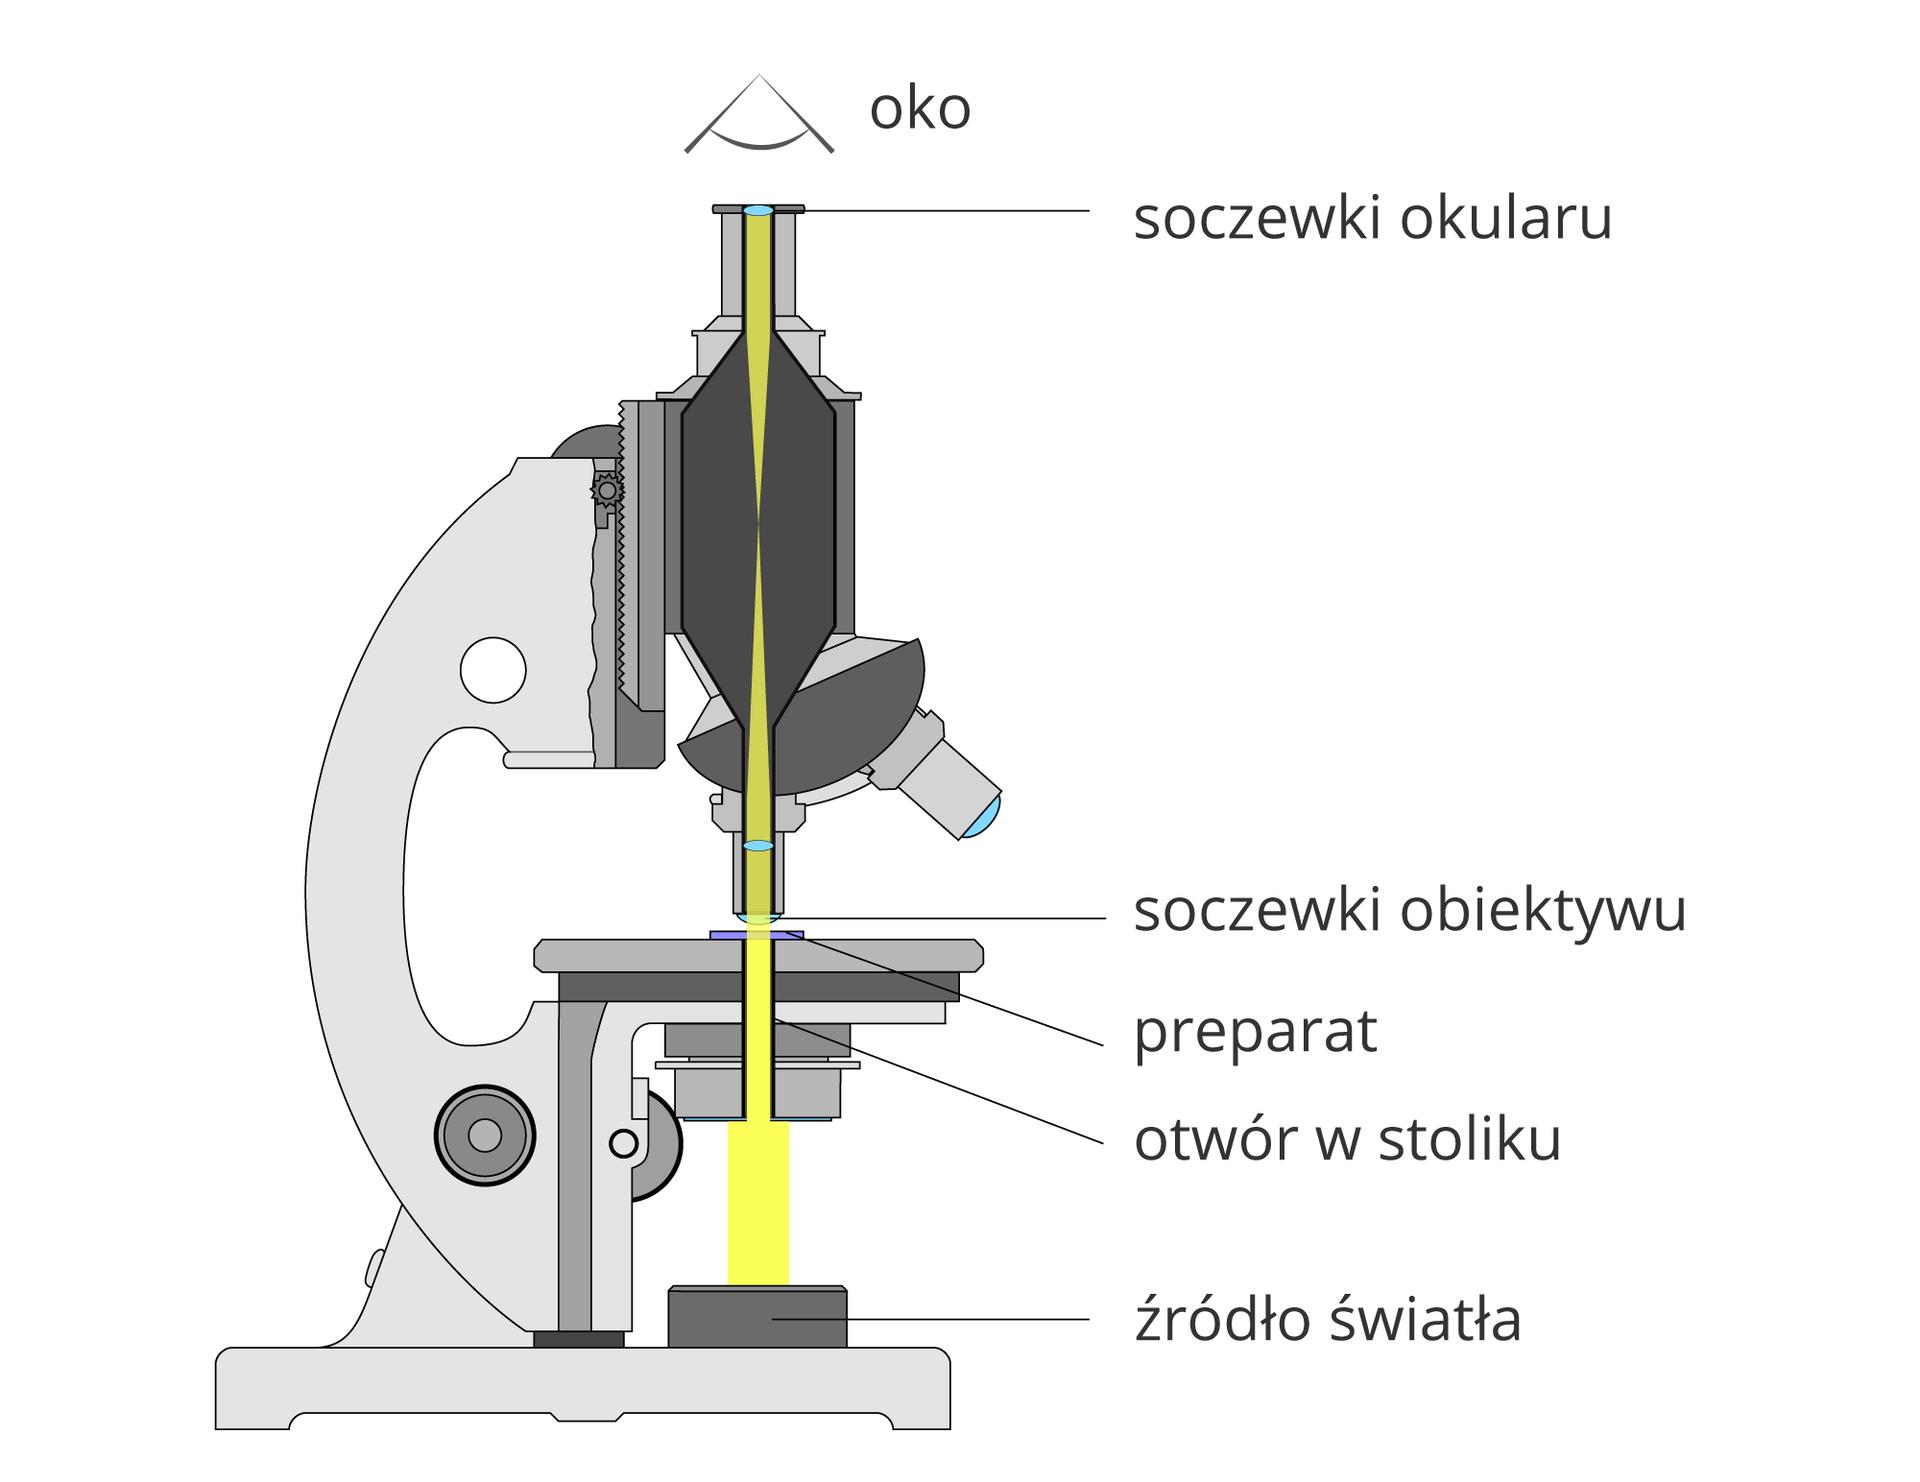 Ilustracja przedstawia przekrój pionowy przez mikroskop. Przez części optyczne wkolorze szarym biegnie żółty pasek, pokazujący drogę światła do ludzkiego oka, znajdującego się nad mikroskopem.